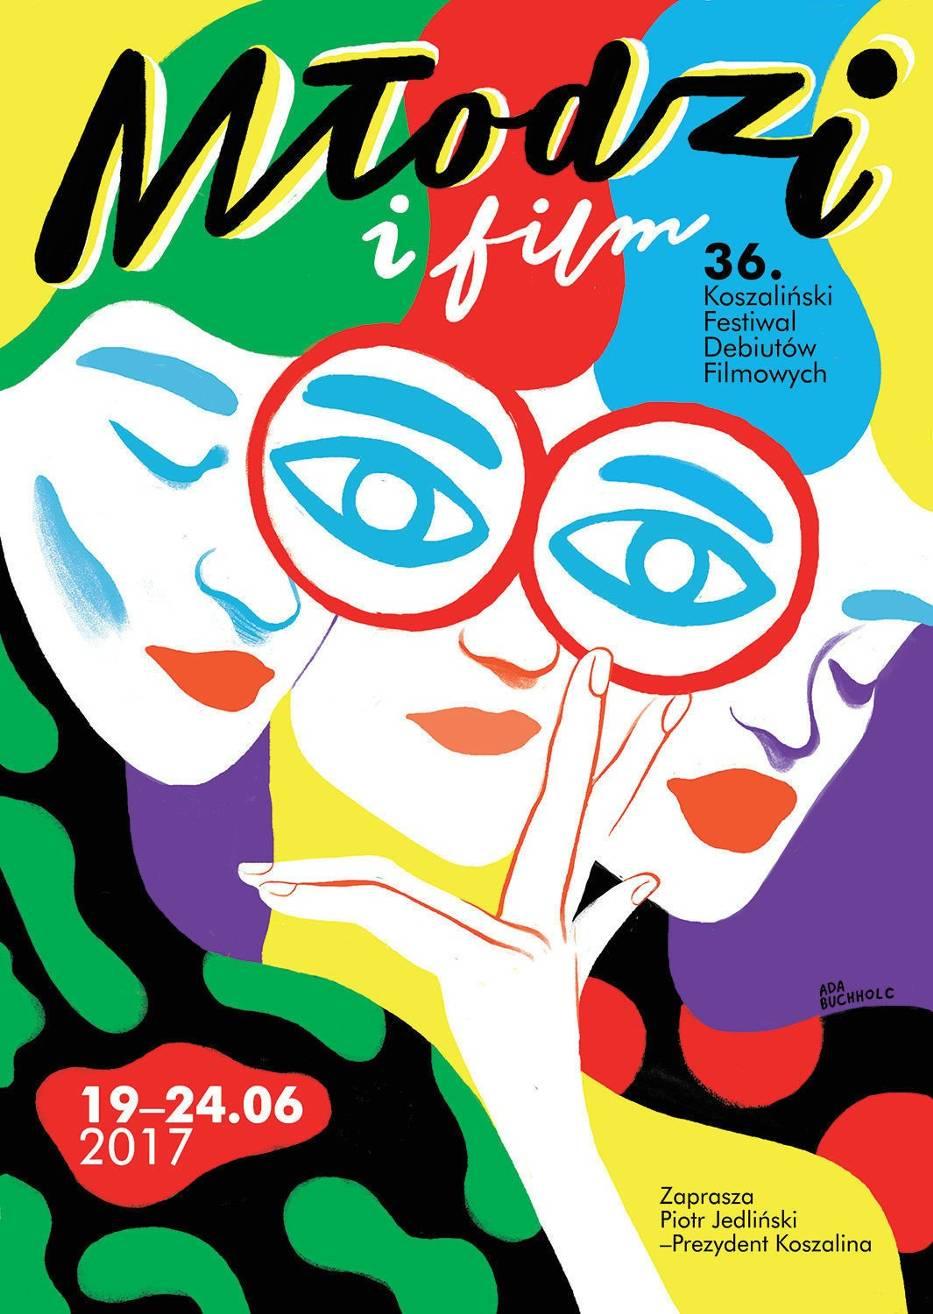 Plakat koszalińskiego festiwalu